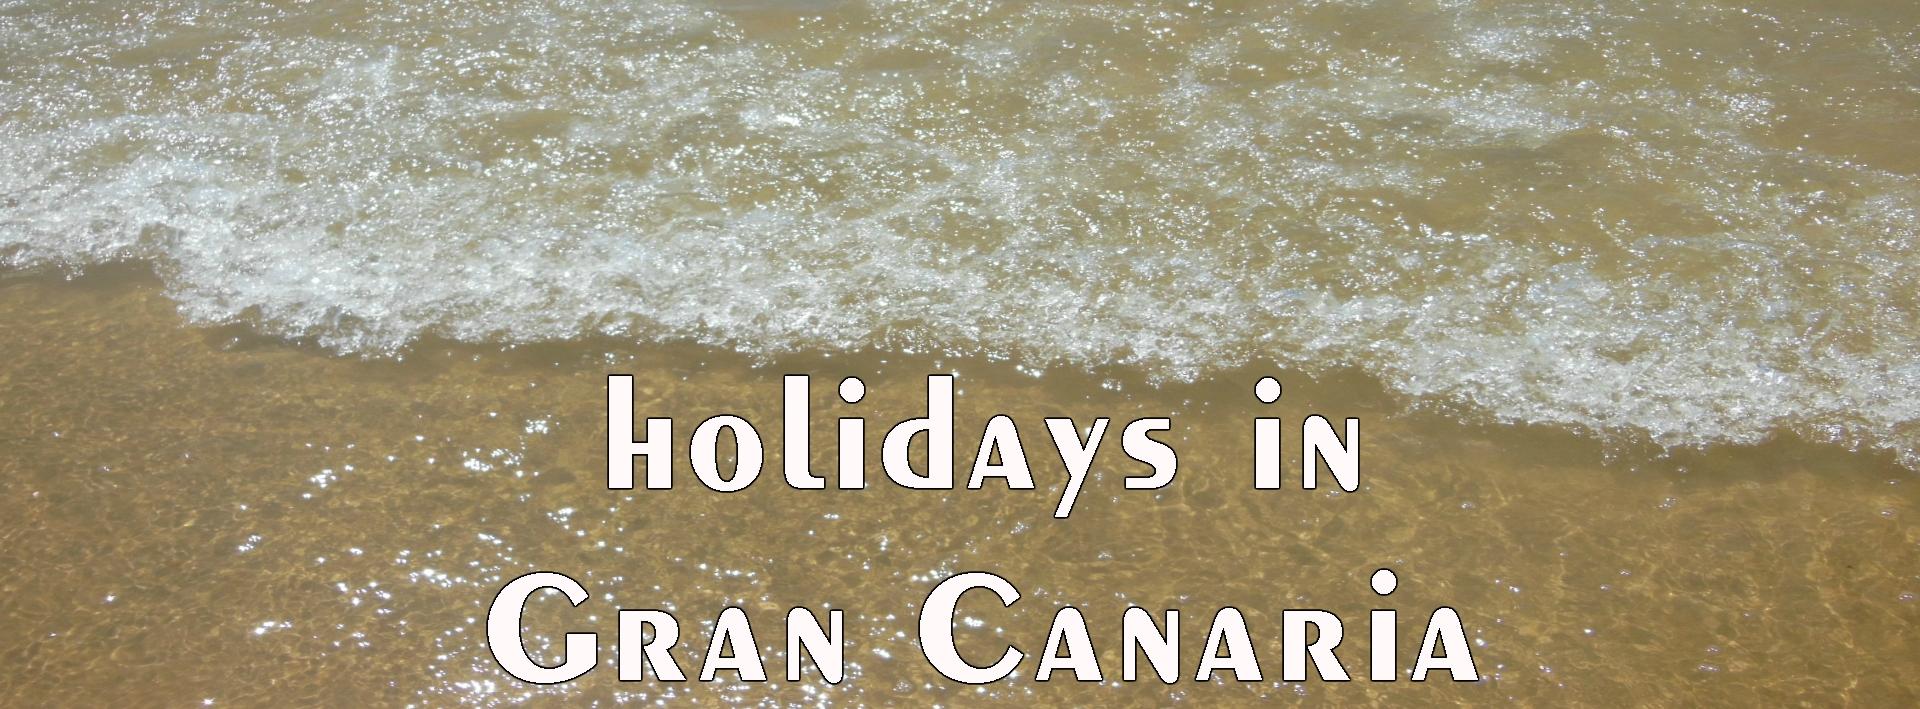 Holidays in Gran Canaria--GranCanariaGayStay